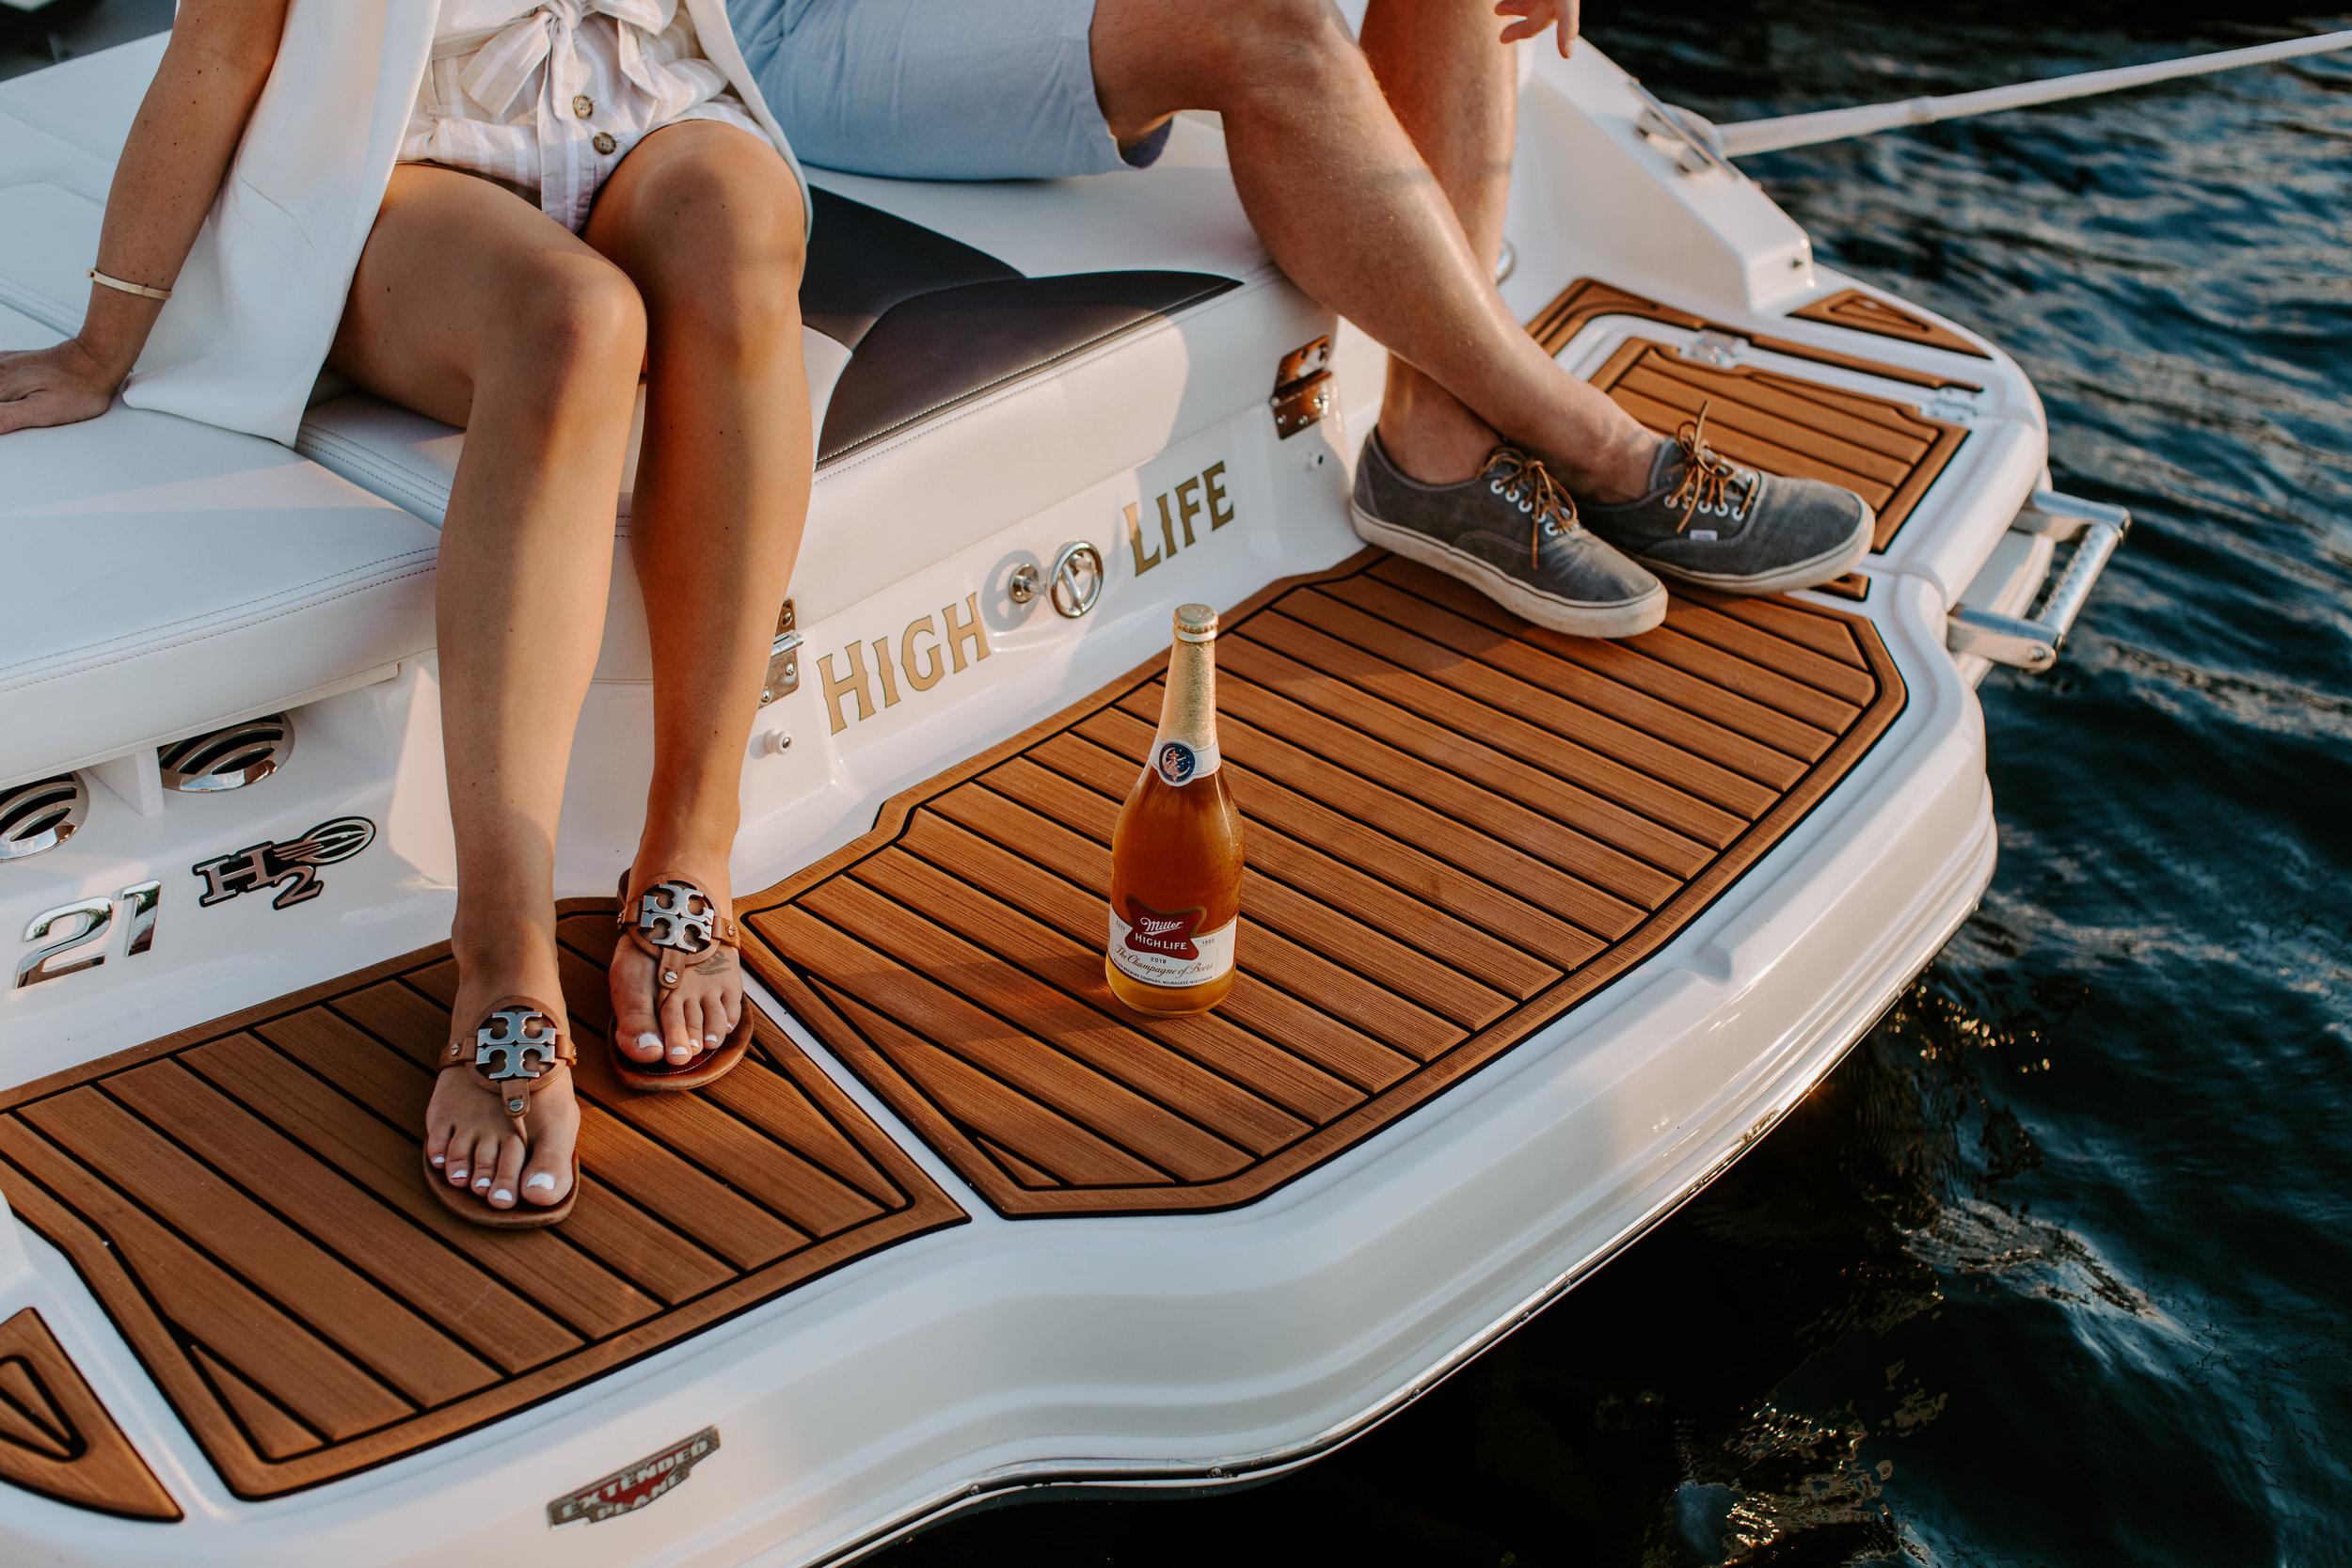 Miller High Life Boat.jpg